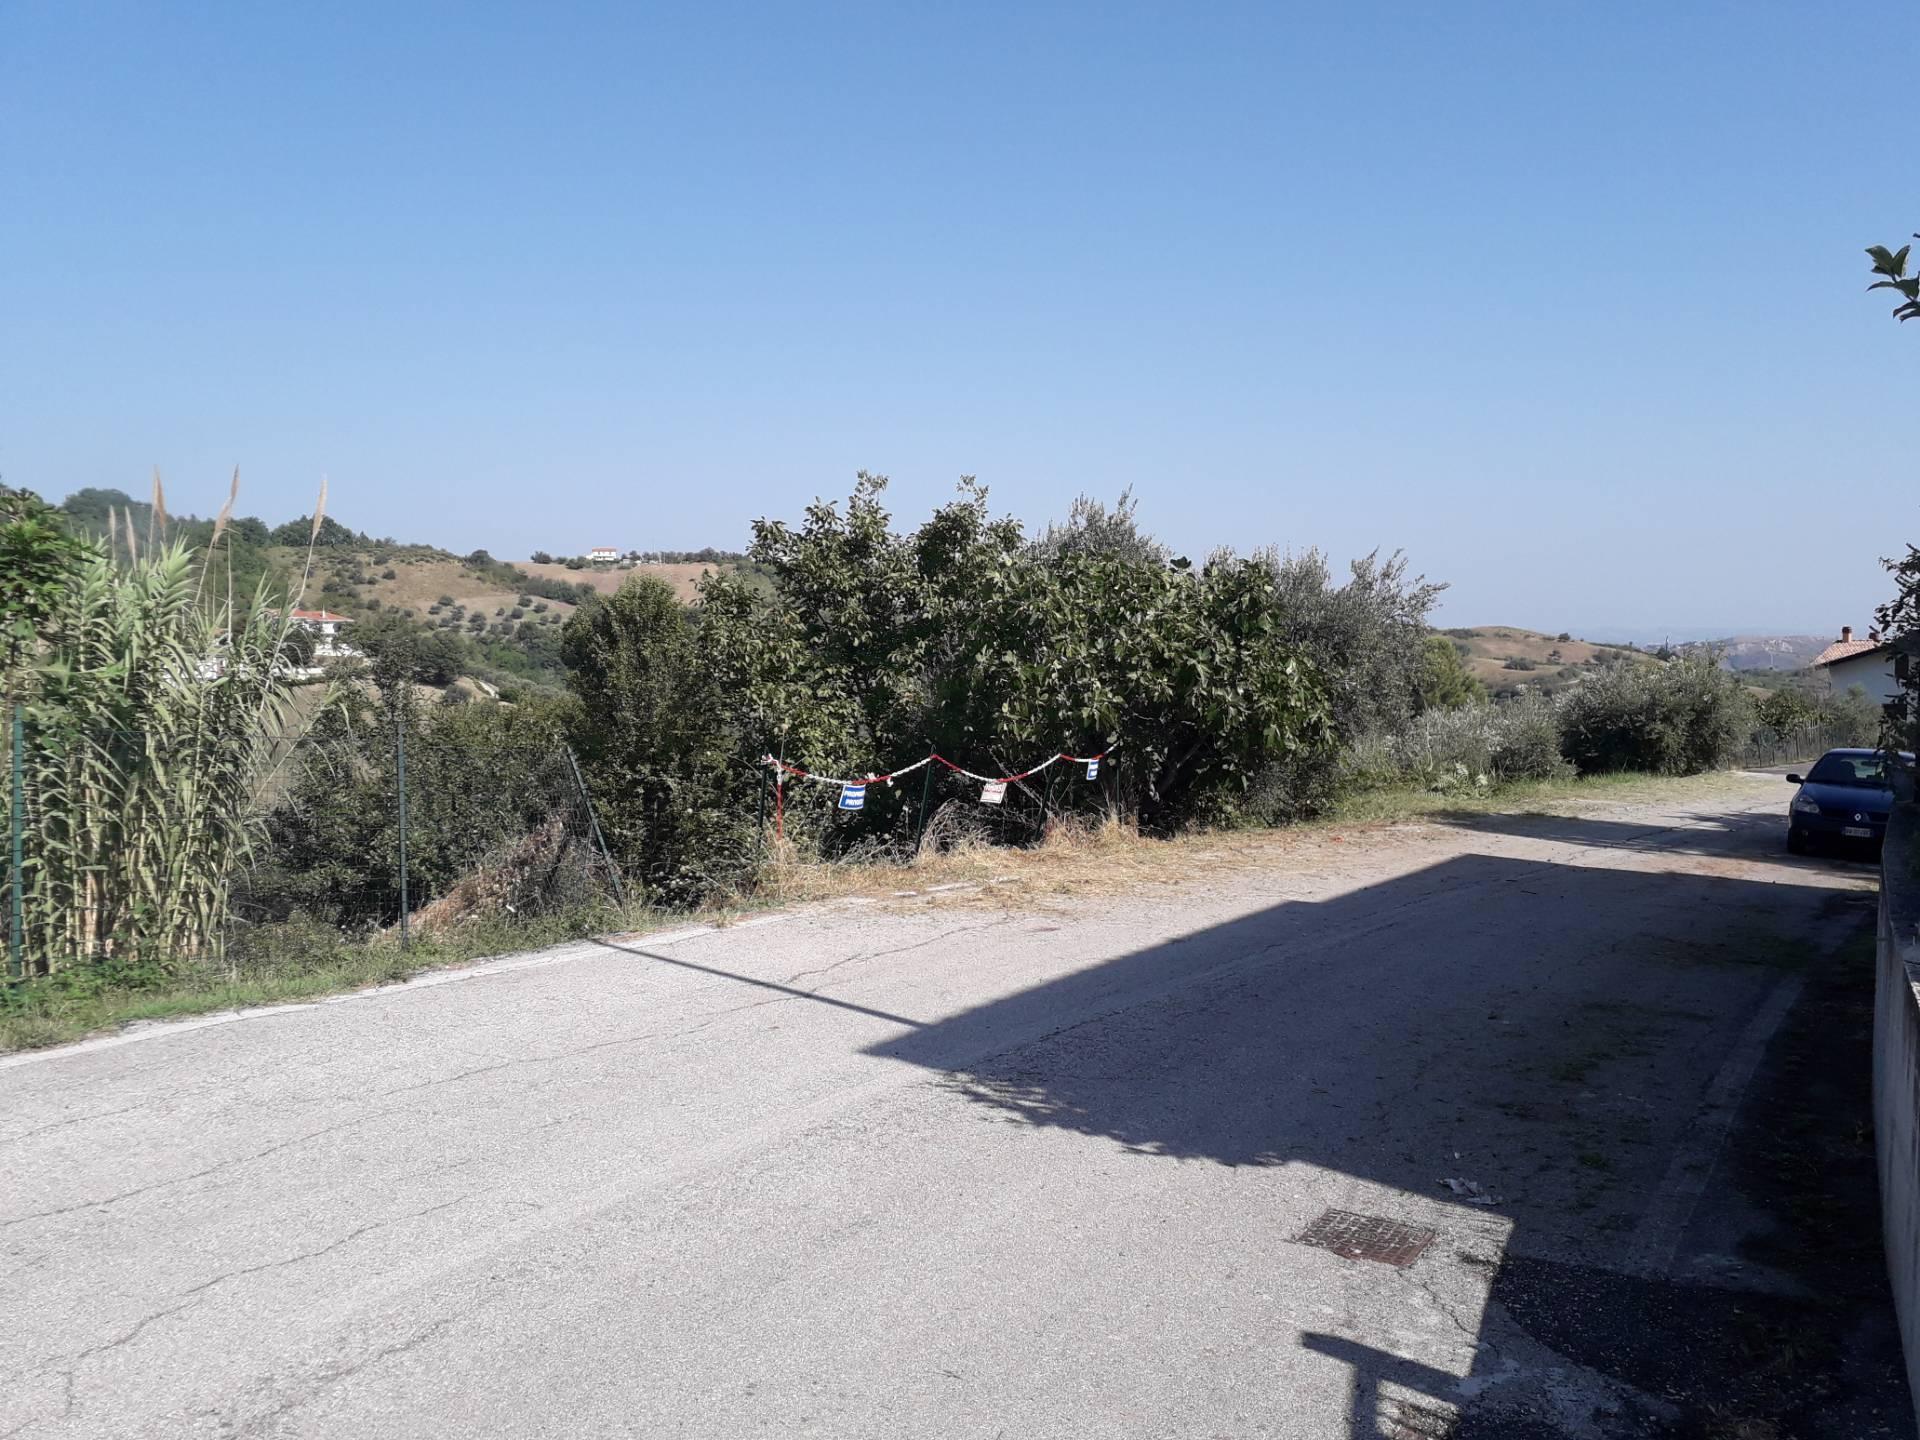 Terreno Agricolo in vendita a Serramonacesca, 9999 locali, prezzo € 28.000 | CambioCasa.it